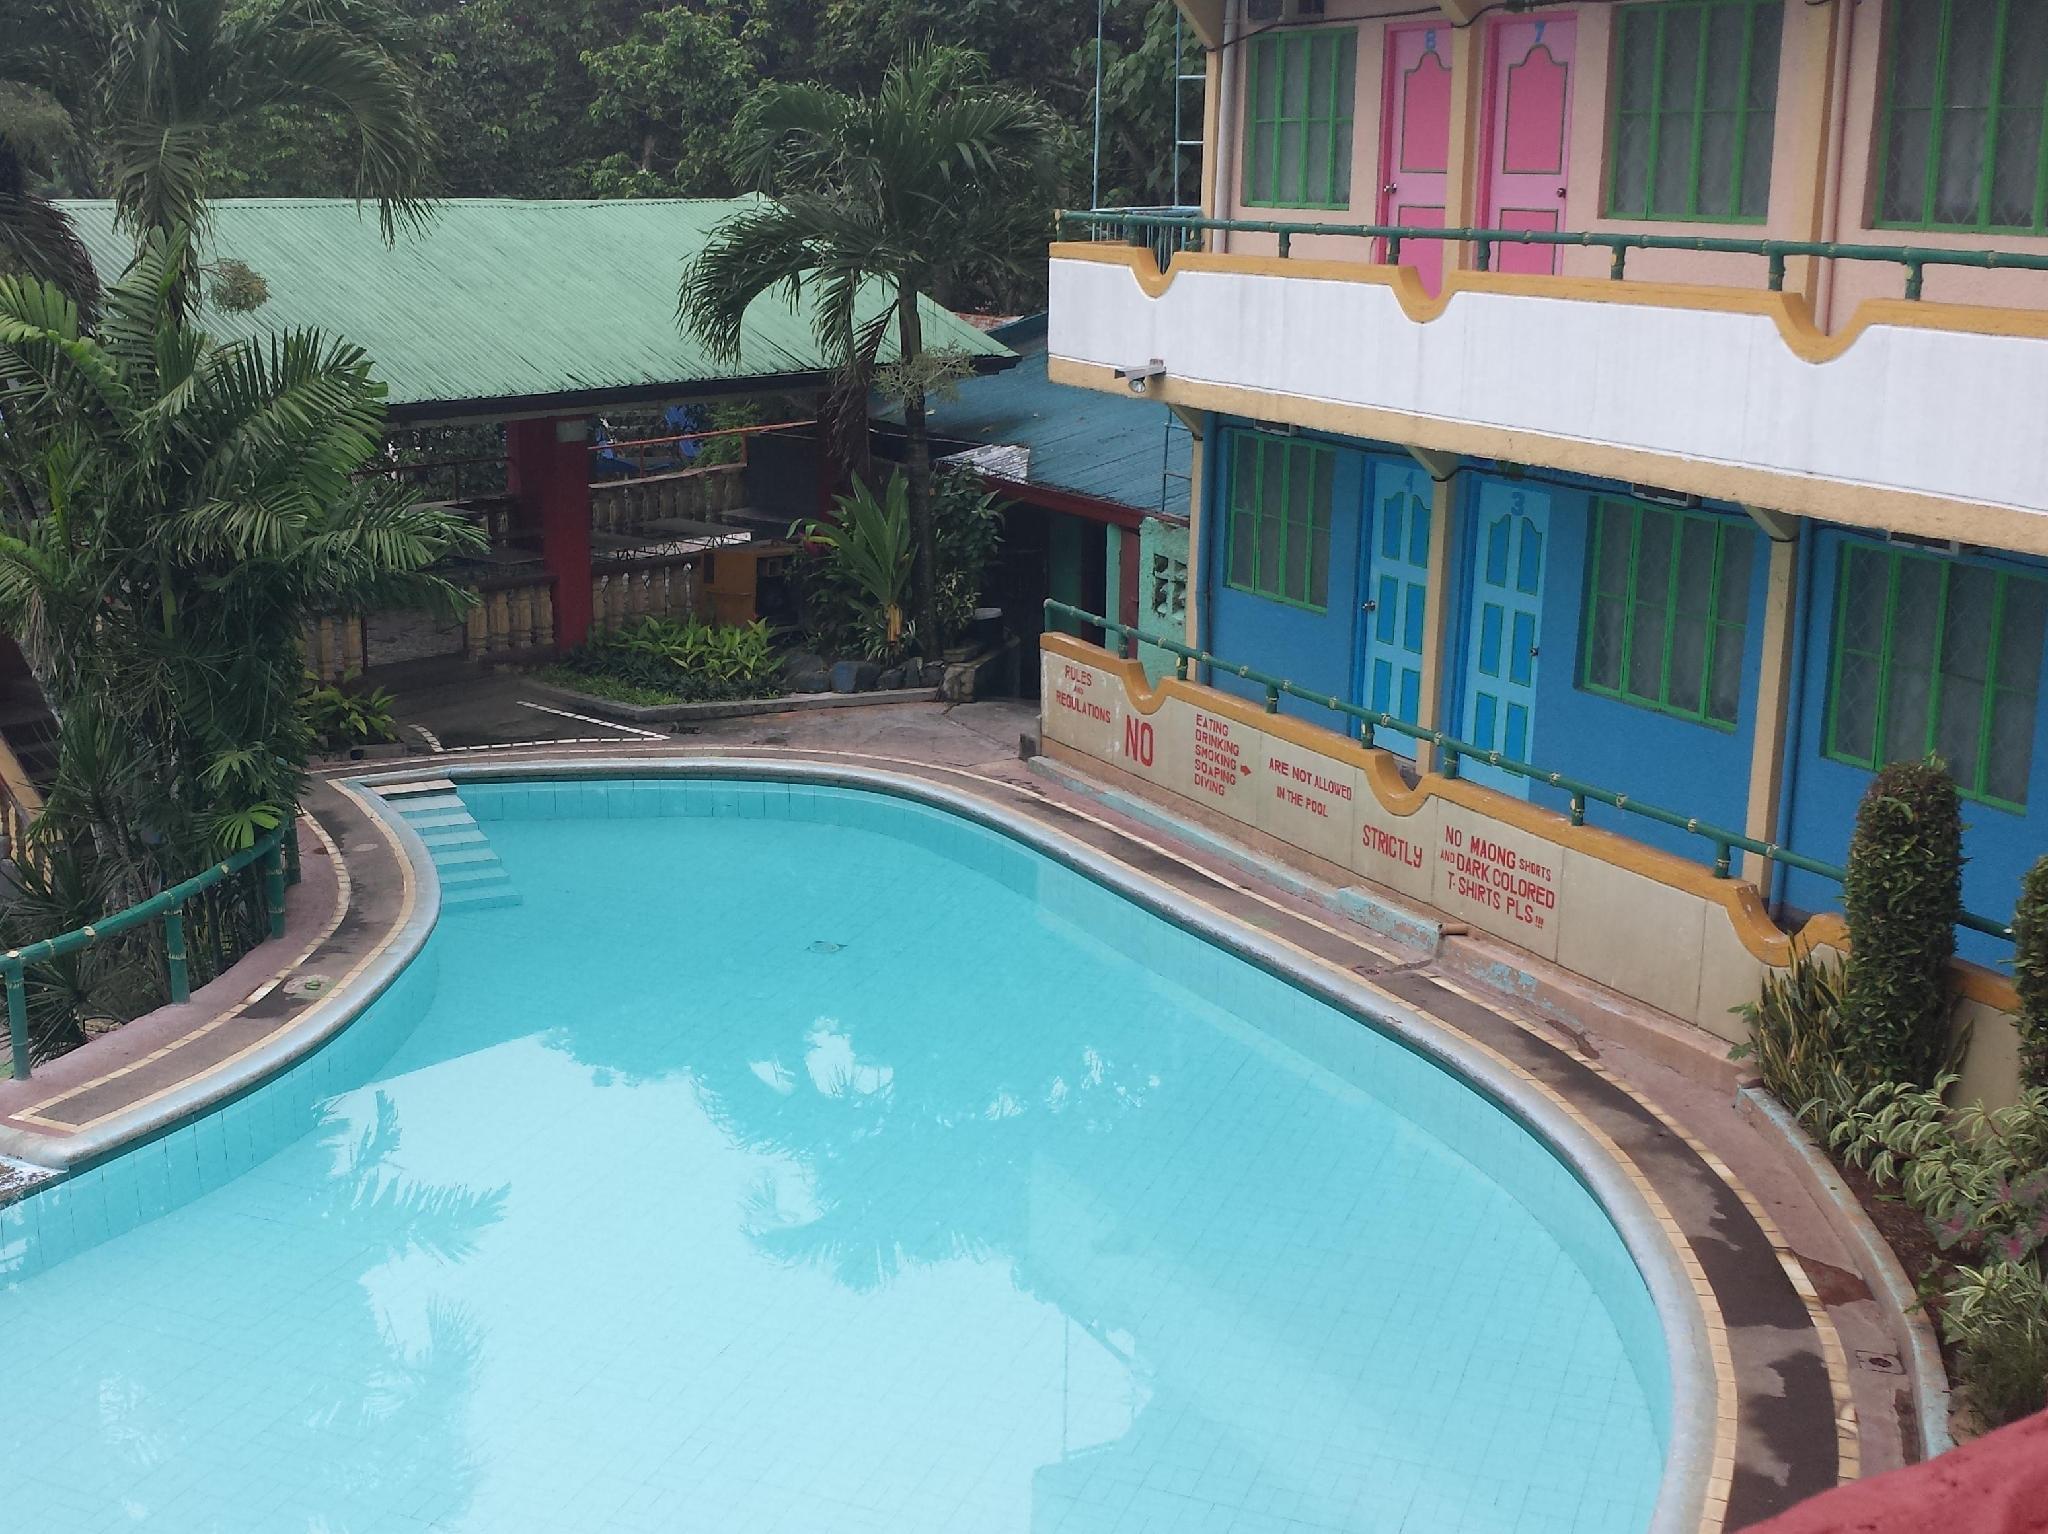 Femar Garden Hotel & Convention Center, Antipolo City